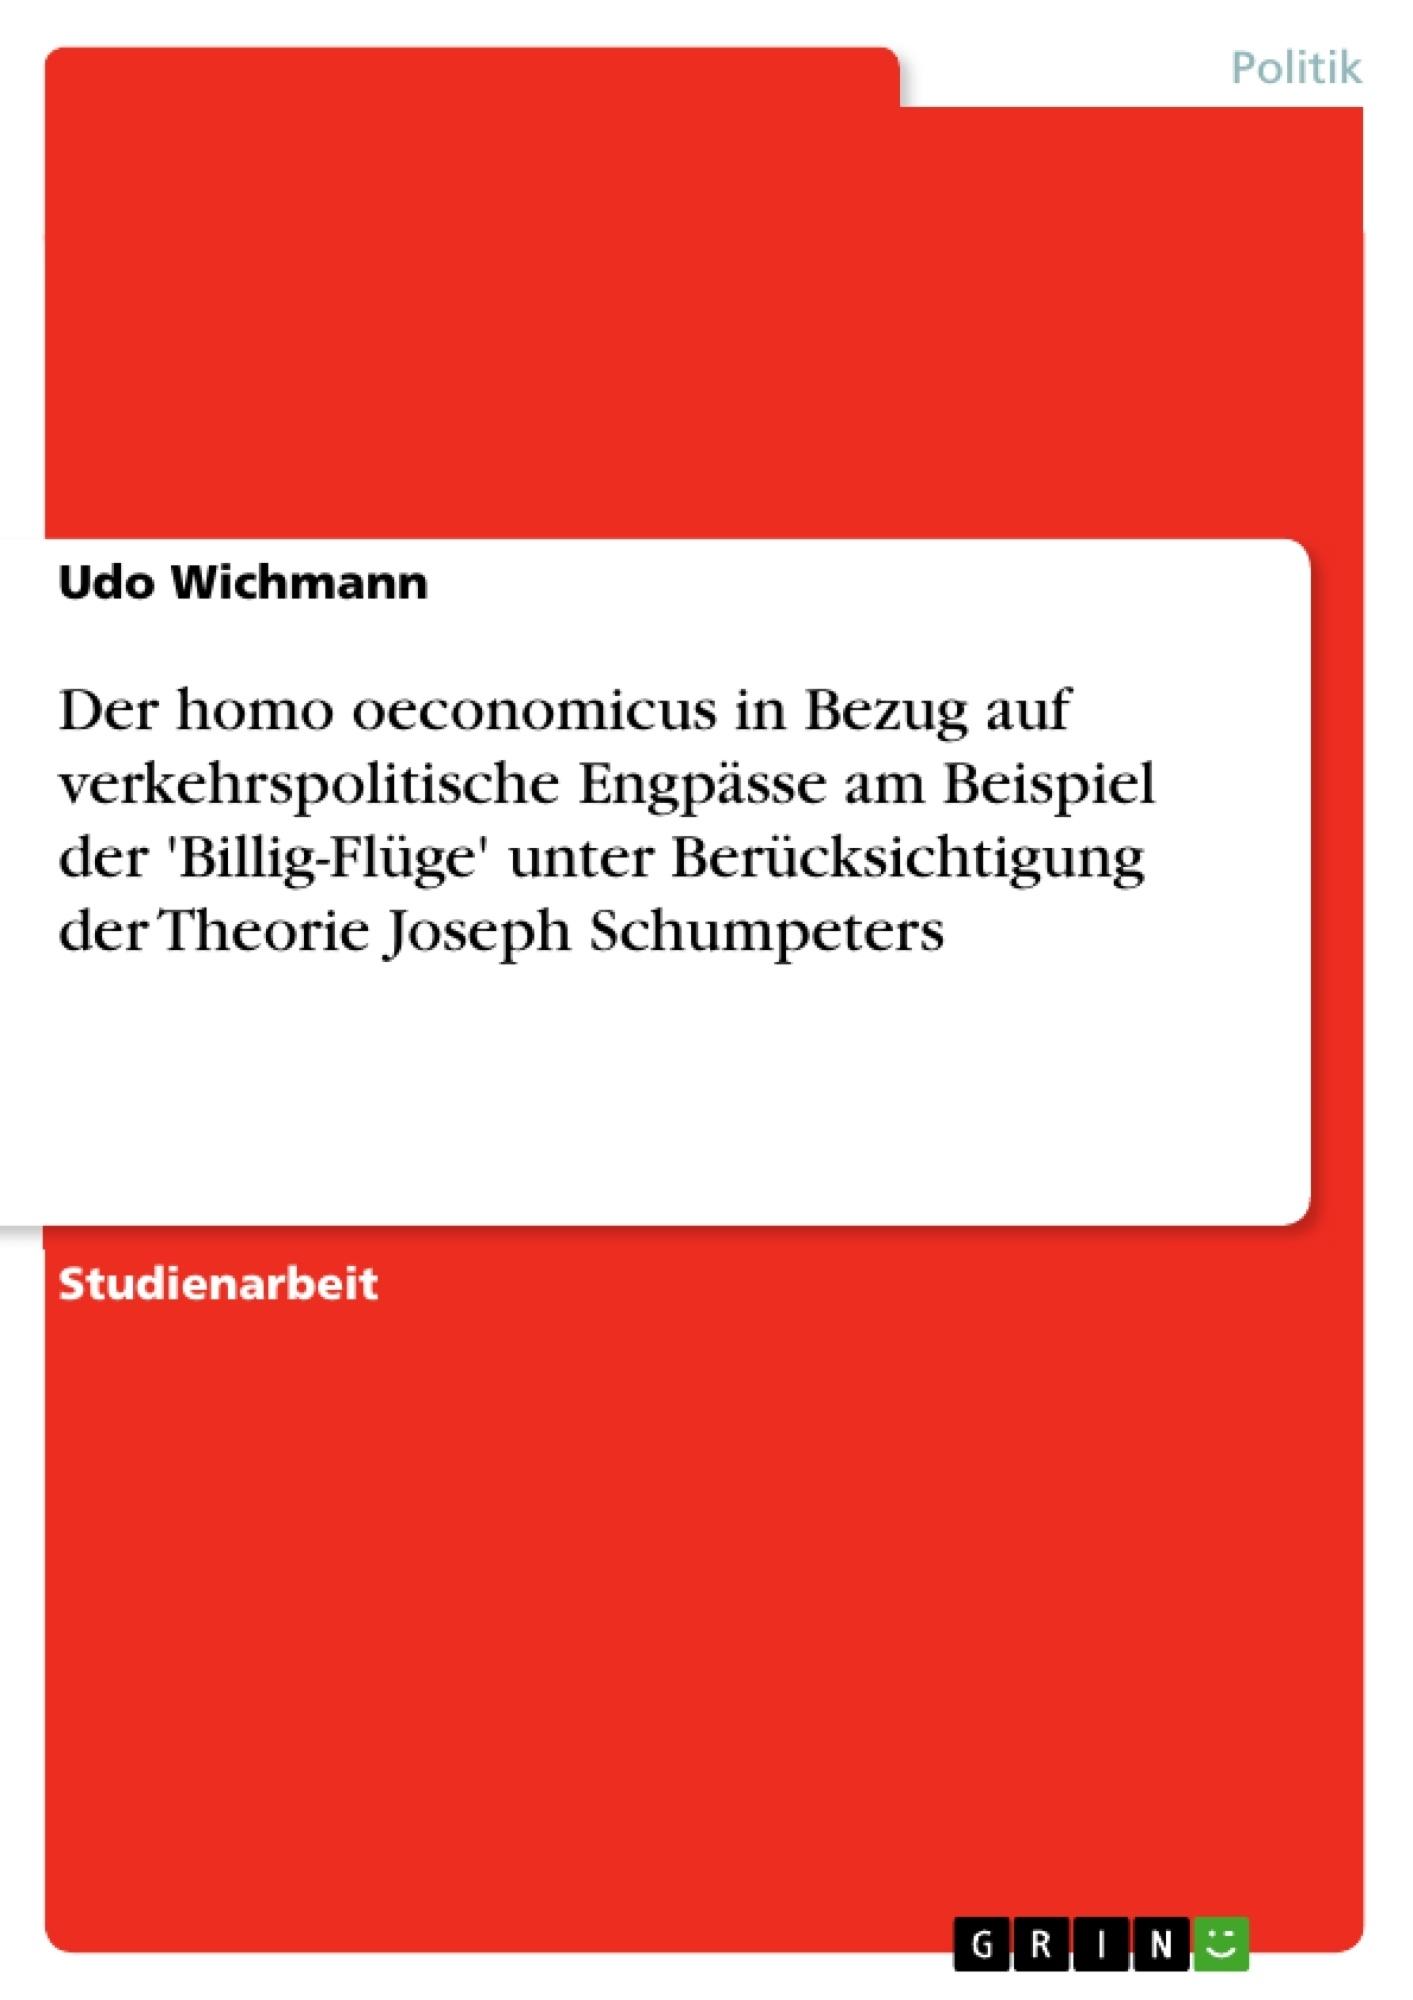 Titel: Der homo oeconomicus in Bezug auf verkehrspolitische Engpässe am Beispiel der 'Billig-Flüge' unter Berücksichtigung der Theorie Joseph Schumpeters